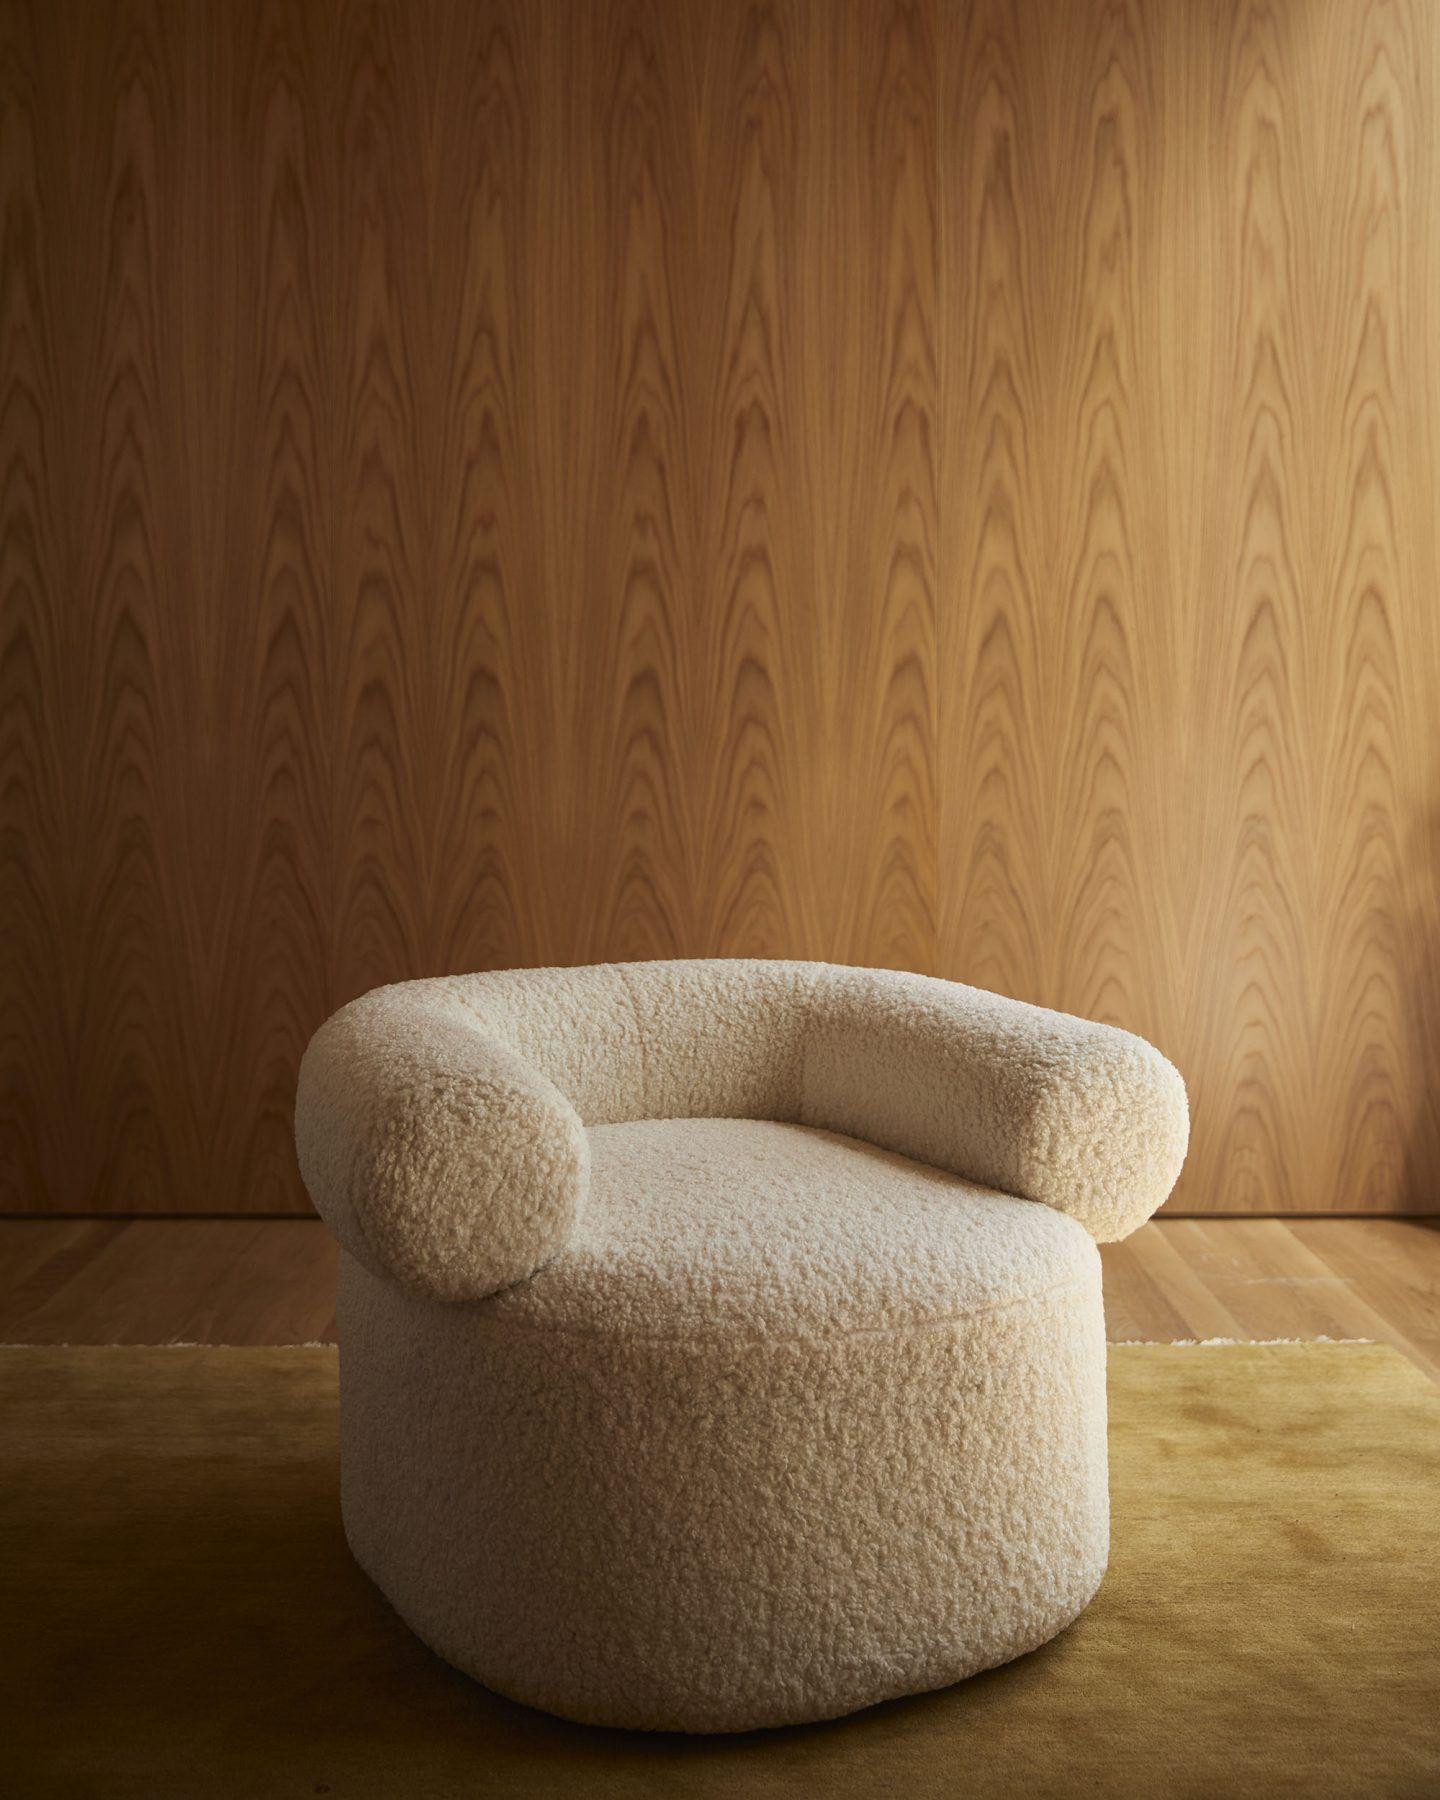 IGNANT-Design-Sarah-Ellison-Sol-015